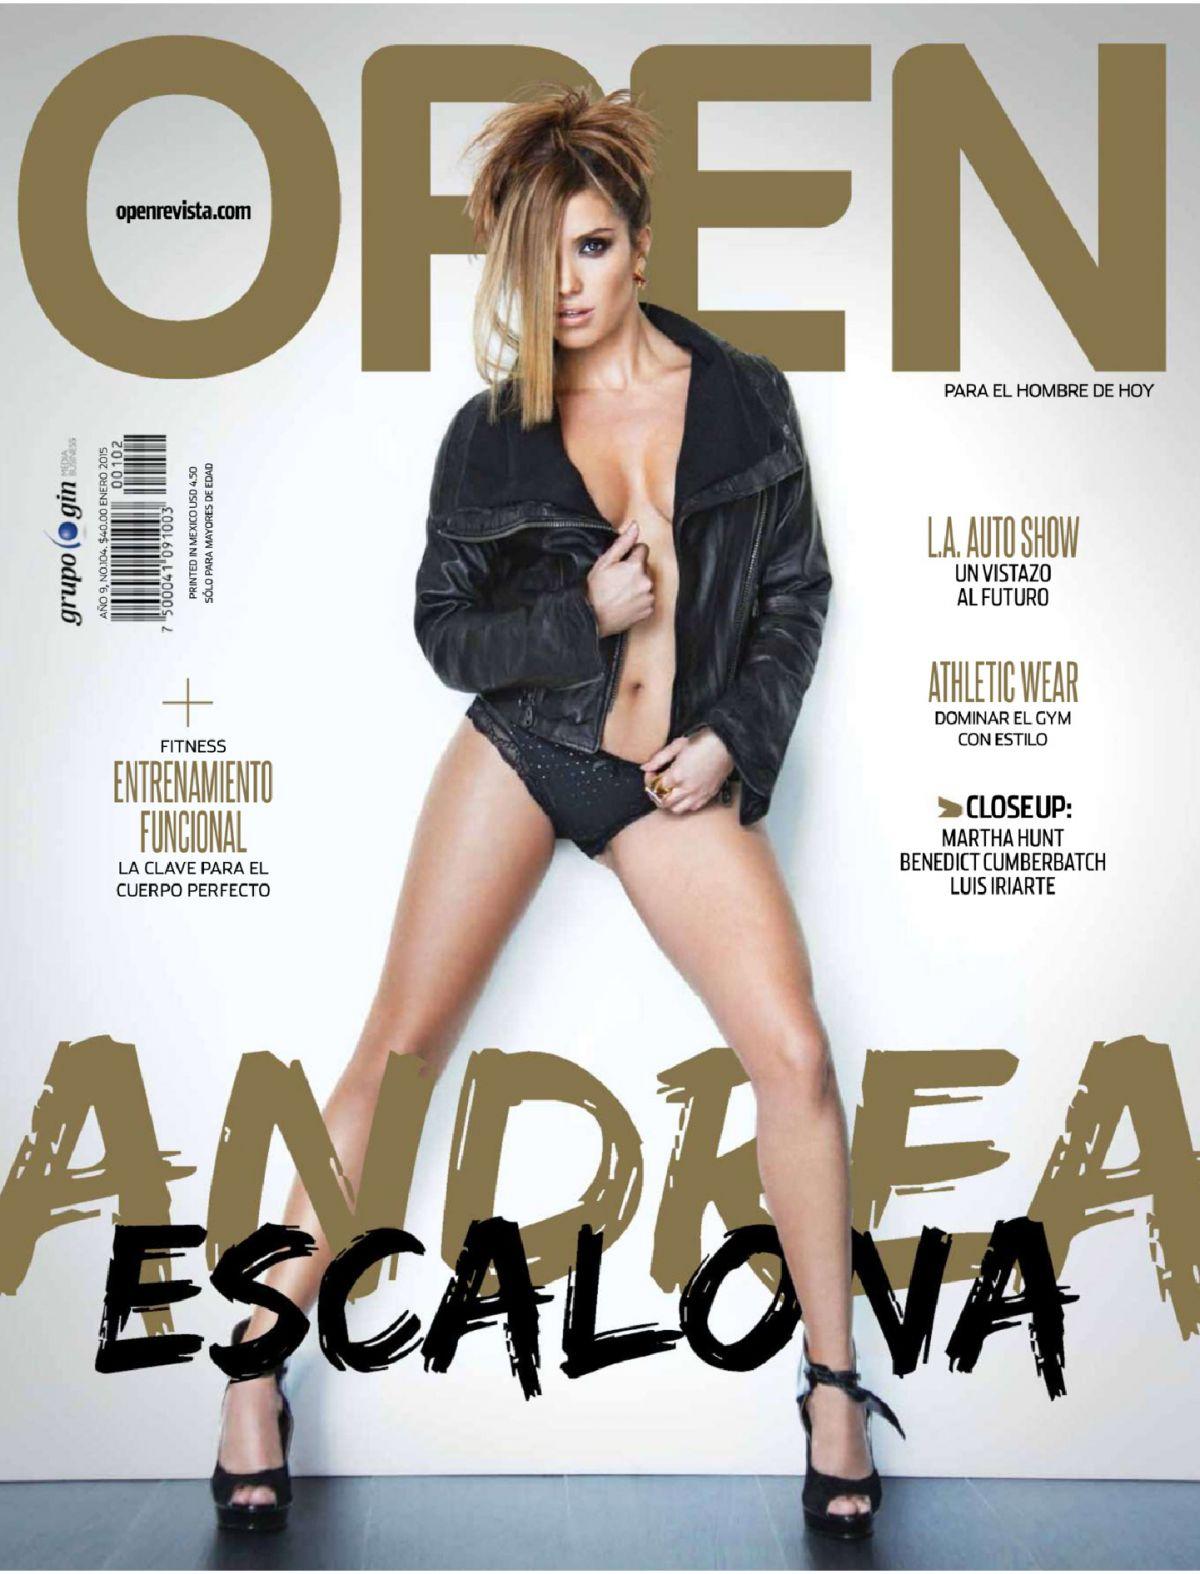 ANDREA ESCALONA in Open Magazine, Mexico January 2015 Issue